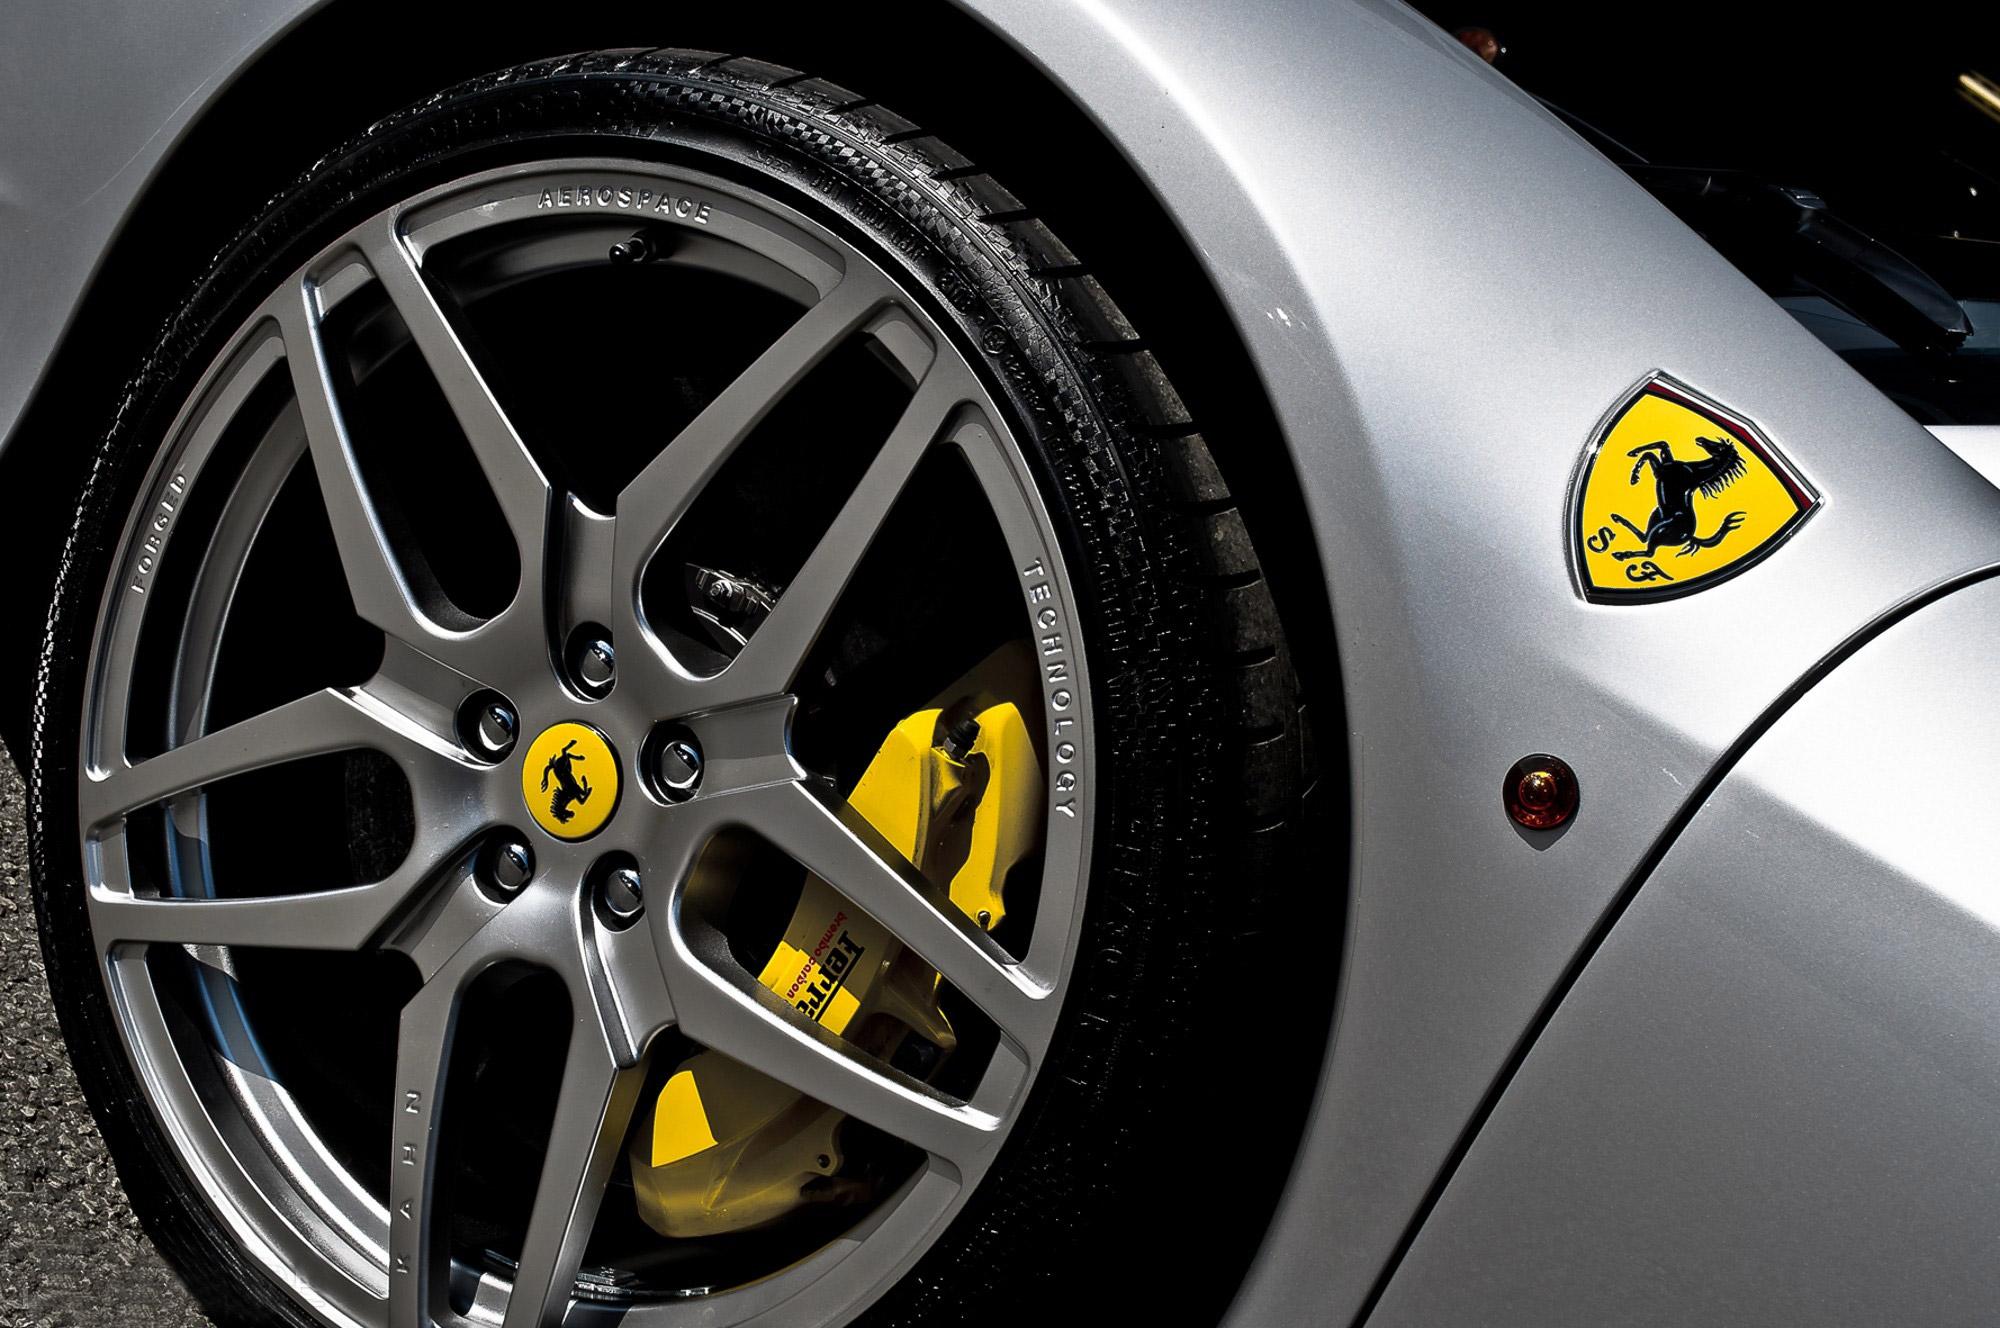 Kahn Ferrari Spider Supercars Supercar Wheels Wheel